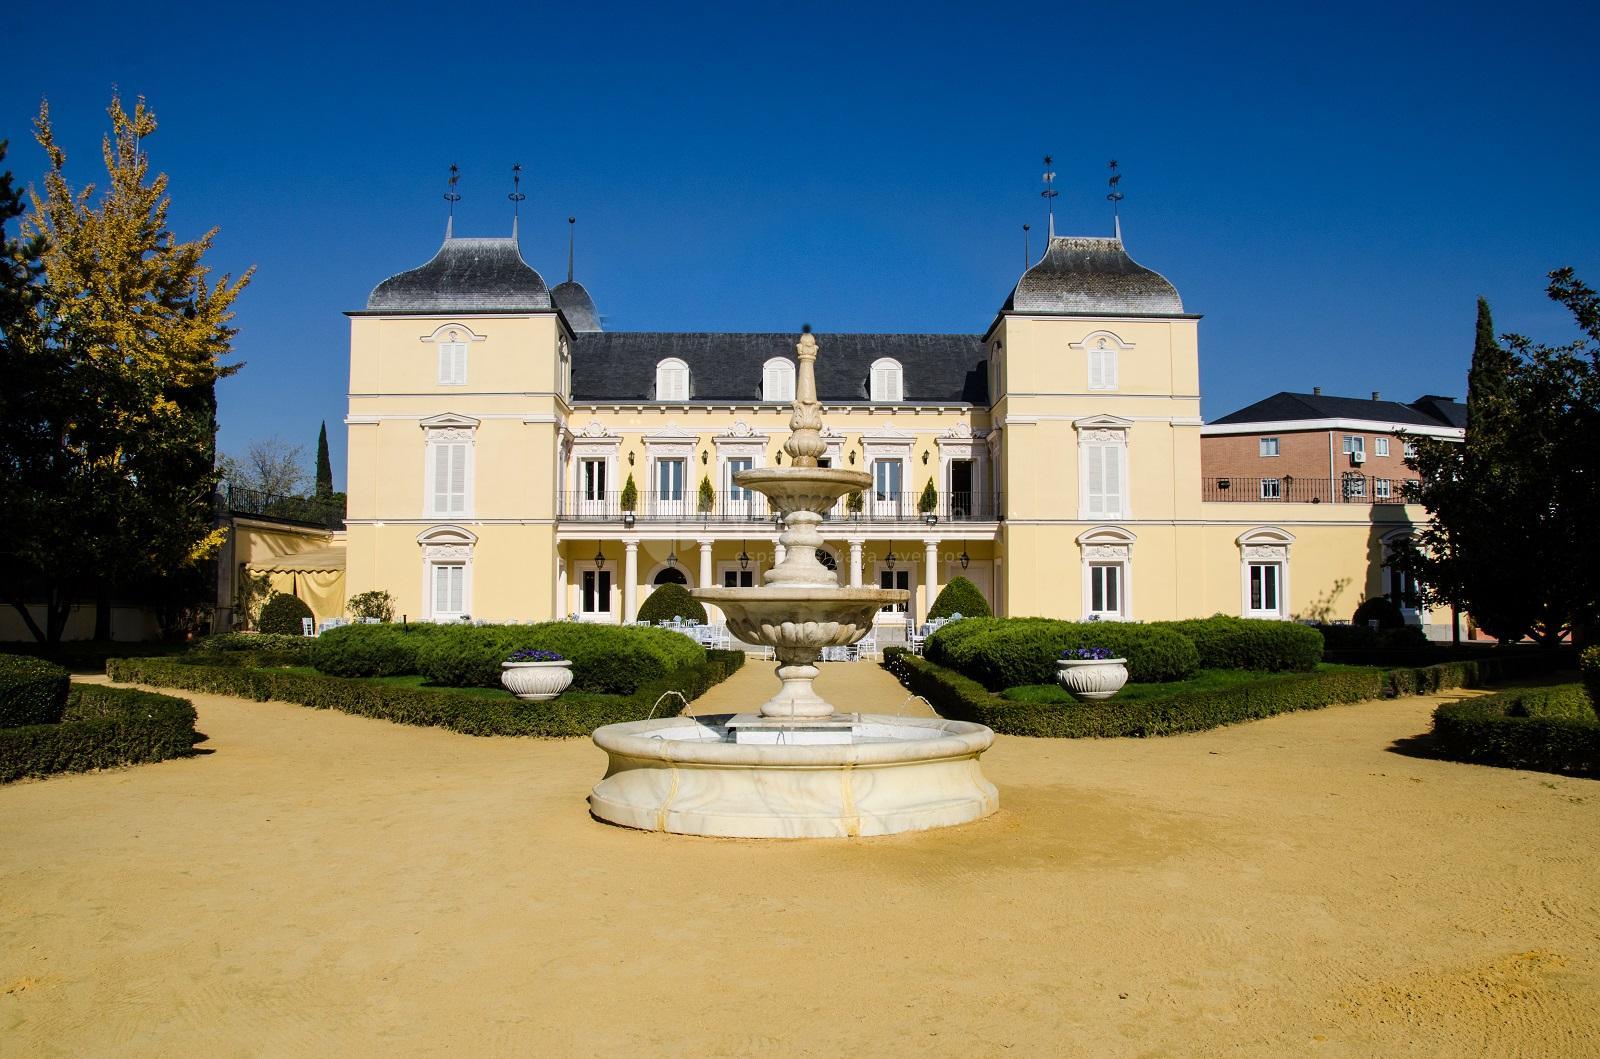 Celebra un evento único en Palacete de los Duques de Pastrana - Vilaplana Catering